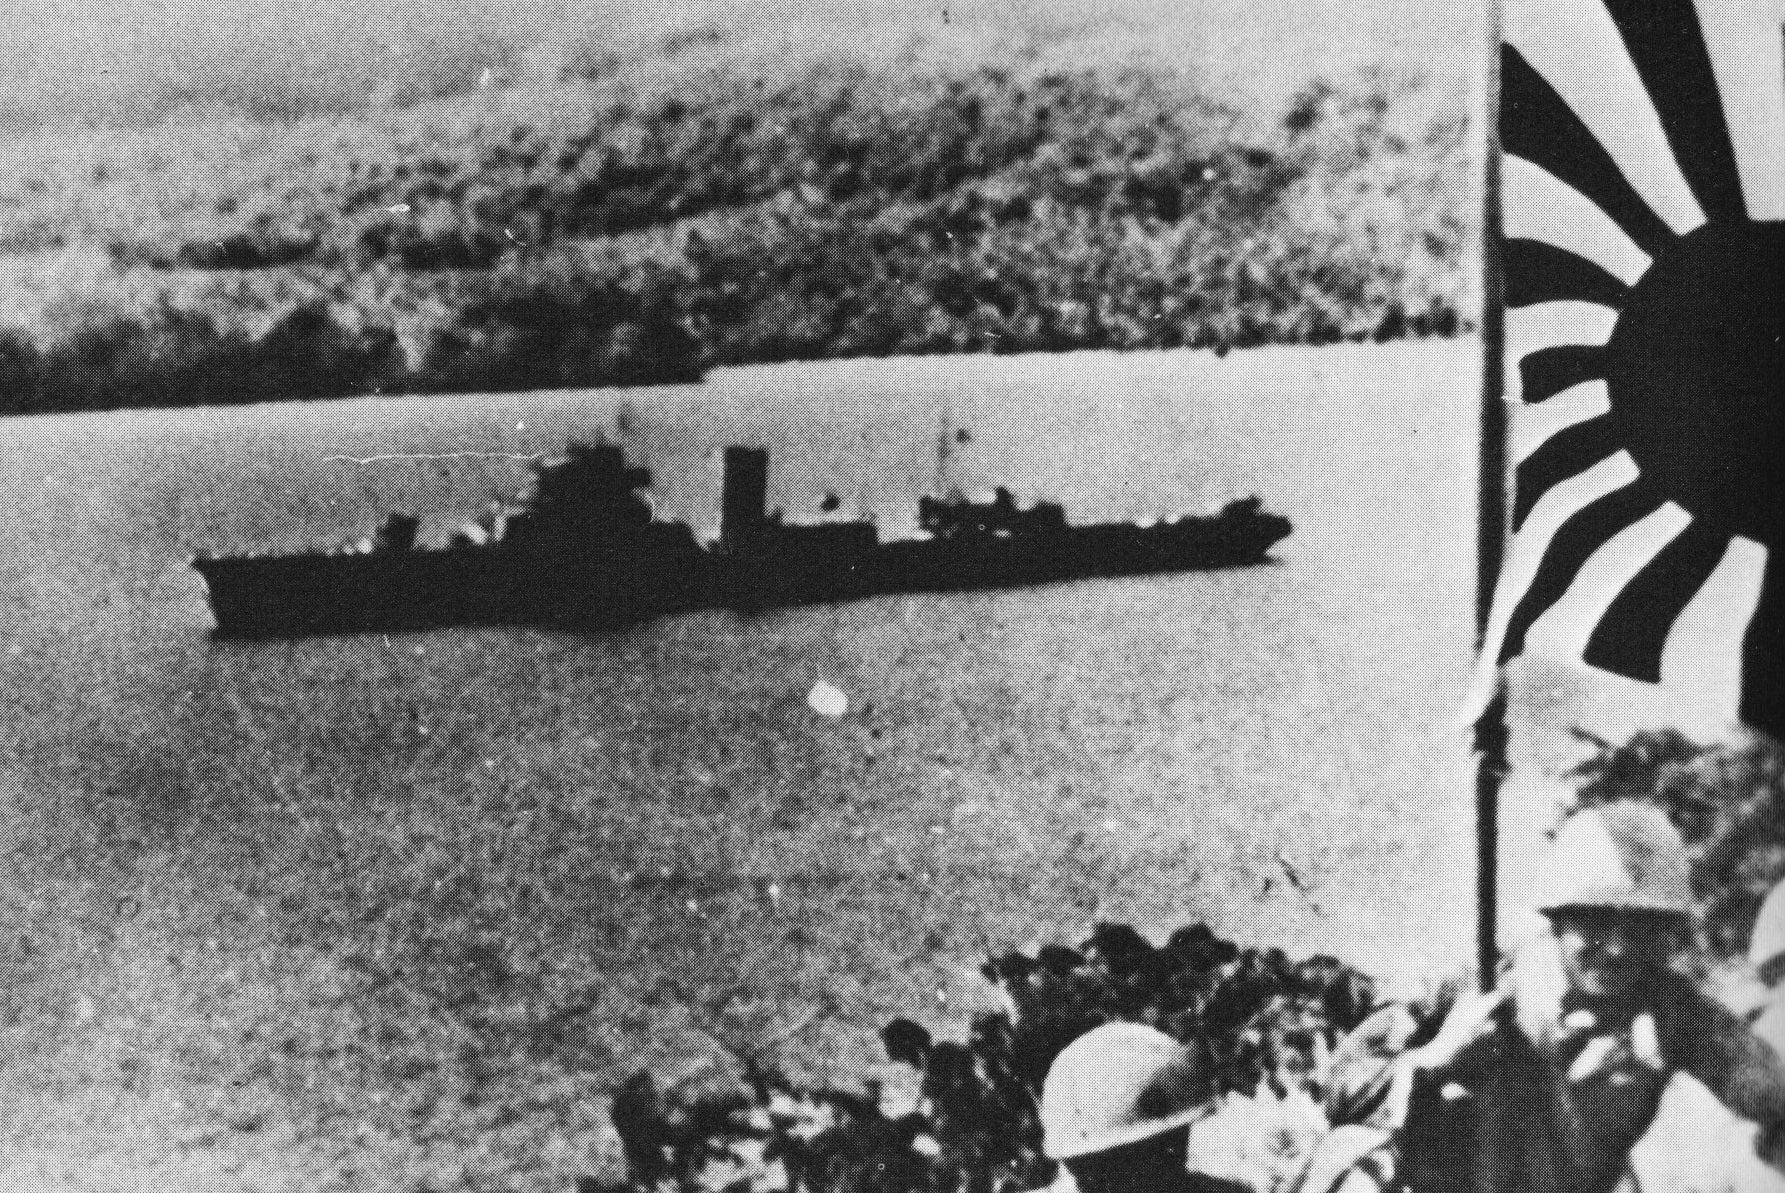 海軍艦艇つれづれ初めて溶接を広範囲に採用した敷設艦「八重山」